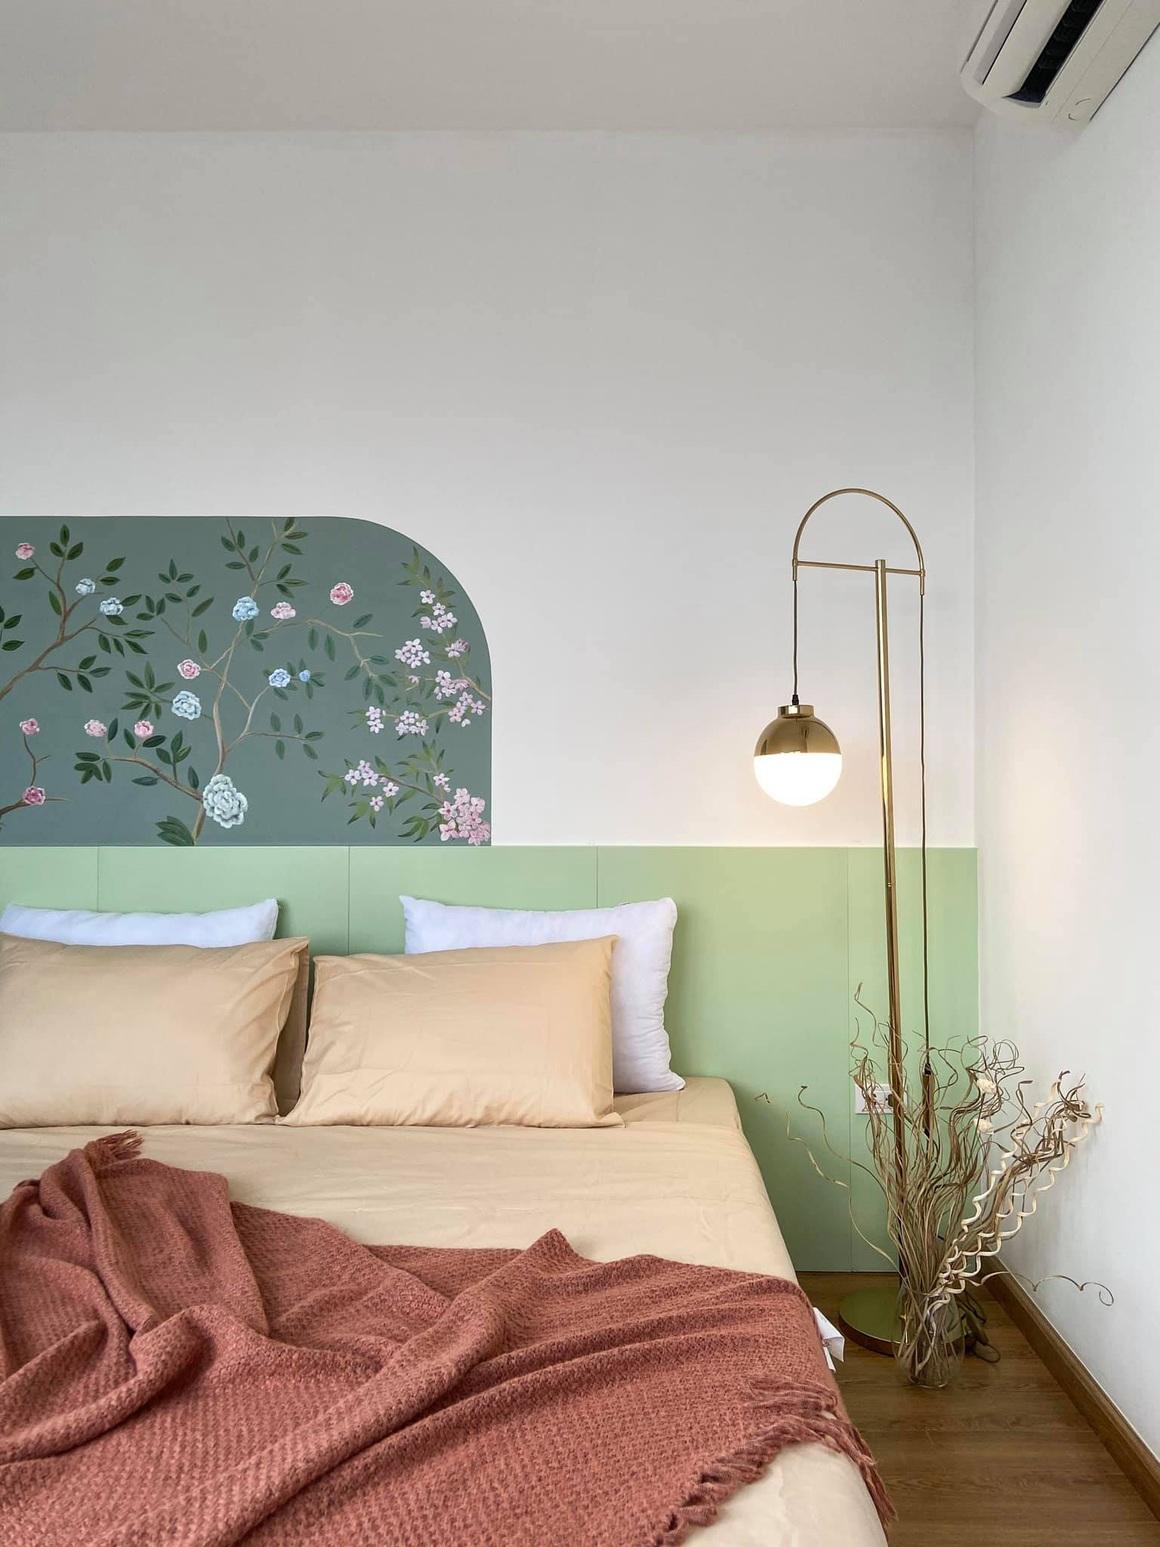 Ngắm căn hộ của gia chủ khó tính: Nội thất đẹp, lạ với tông màu xanh đậm - 12